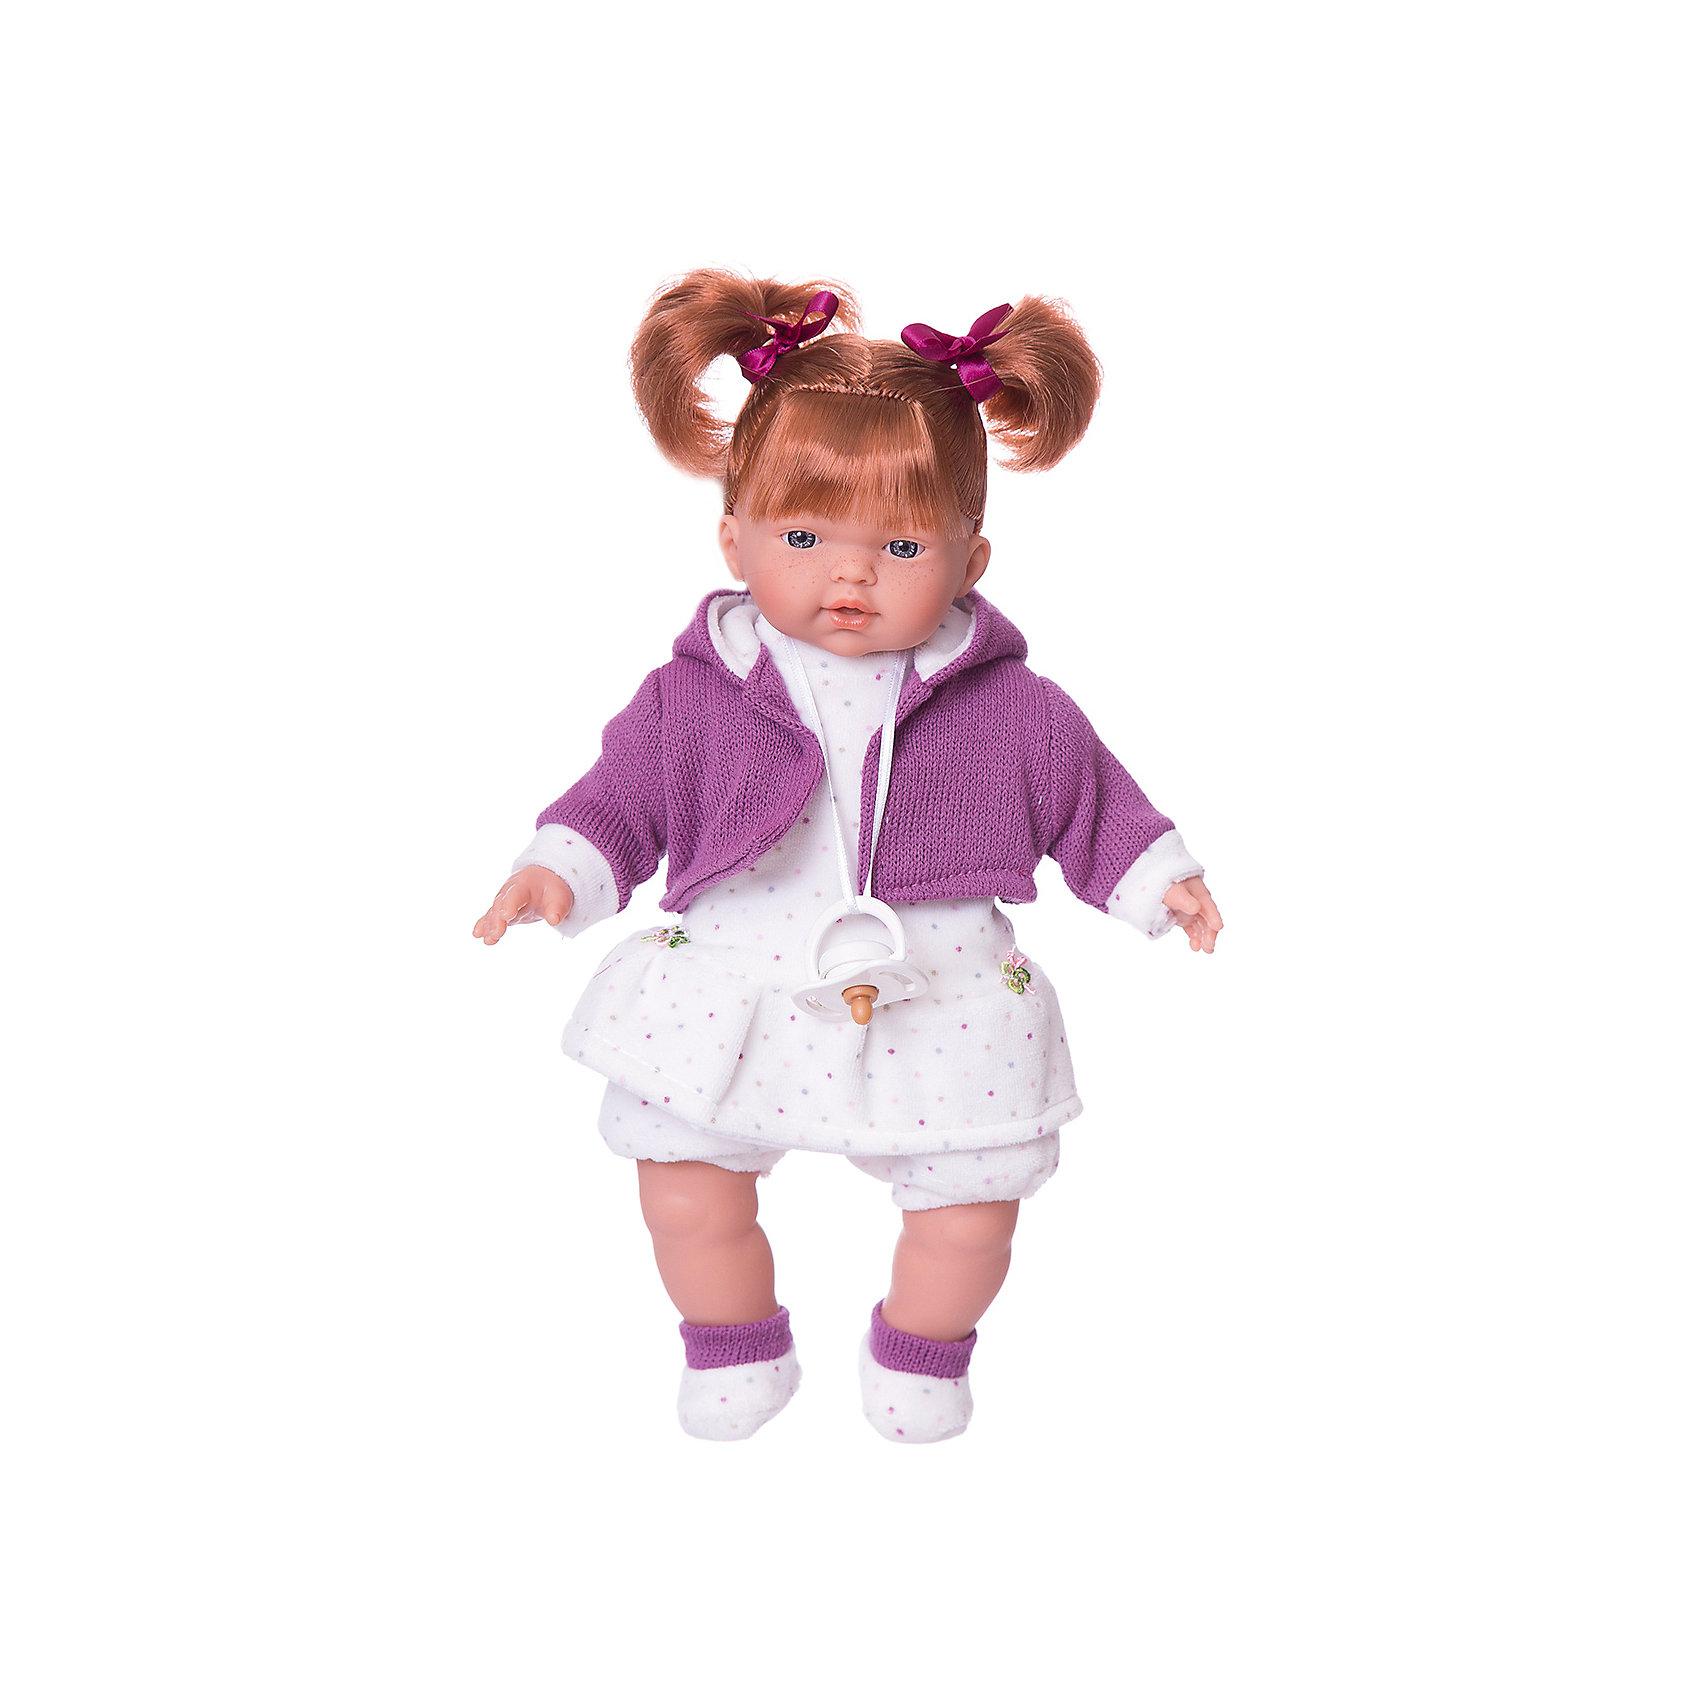 Кукла Алиса, 33 см, LlorensКлассические куклы<br>Характеристики:<br><br>• Предназначение: для сюжетно-ролевых игр<br>• Тип куклы: мягконабивная<br>• Пол куклы: девочка <br>• Цвет волос: шатенка<br>• Материал: поливинилхлорид, пластик, нейлон, текстиль<br>• Цвет: розовый, белый<br>• Высота куклы: 33 см<br>• Комплектация: кукла, платье, курточка, носочки, пустышка<br>• Звуковые эффекты: плачет, произносит мама и папа<br>• Батарейки: з шт. типа AG13/LR44 (предусмотрены в комплекте)<br>• Вес: 660 г<br>• Размеры упаковки (Д*В*Ш): 20*37*10 см<br>• Упаковка: подарочная картонная коробка <br>• Особенности ухода: допускается деликатная стирка без использования красящих и отбеливающих средств предметов одежды куклы<br><br>Кукла Алиса 33 см – кукла, производителем которого является всемирно известный испанский кукольный бренд Llorens. Куклы этой торговой марки имеют свою неповторимую внешность и целую линейку образов как пупсов, так и кукол-малышей. Игрушки выполнены из сочетания поливинилхлорида и пластика, что позволяет с высокой долей достоверности воссоздать физиологические и мимические особенности маленьких детей. При изготовлении кукол Llorens используются только сертифицированные материалы, безопасные и не вызывающие аллергических реакций. Волосы у кукол отличаются густотой, шелковистостью и блеском, при расчесывании они не выпадают и не ломаются.<br>Кукла Алиса 33 см выполнена в образе малышки: голубые глаза, веснушки и задорные короткие хвостики делают образ куклы необычайно очаровательным. В комплект одежды Алисы входит теплое платьице в горошек, короткие панталончики, вязаная кофточка с капюшоном и пинеточки. Алиса умеет плакать, а также говорить мама и папа. Чтобы малышка не плакала, у нее имеется соска на атласной ленточке. <br>Кукла Алиса 33 см – это идеальный вариант для подарка к различным праздникам и торжествам.<br><br>Куклу Алису 33 см можно купить в нашем интернет-магазине.<br><br>Ширина мм: 20<br>Глубина мм: 37<br>Высота мм: 10<br>Вес г: 660<br>Возраст от 